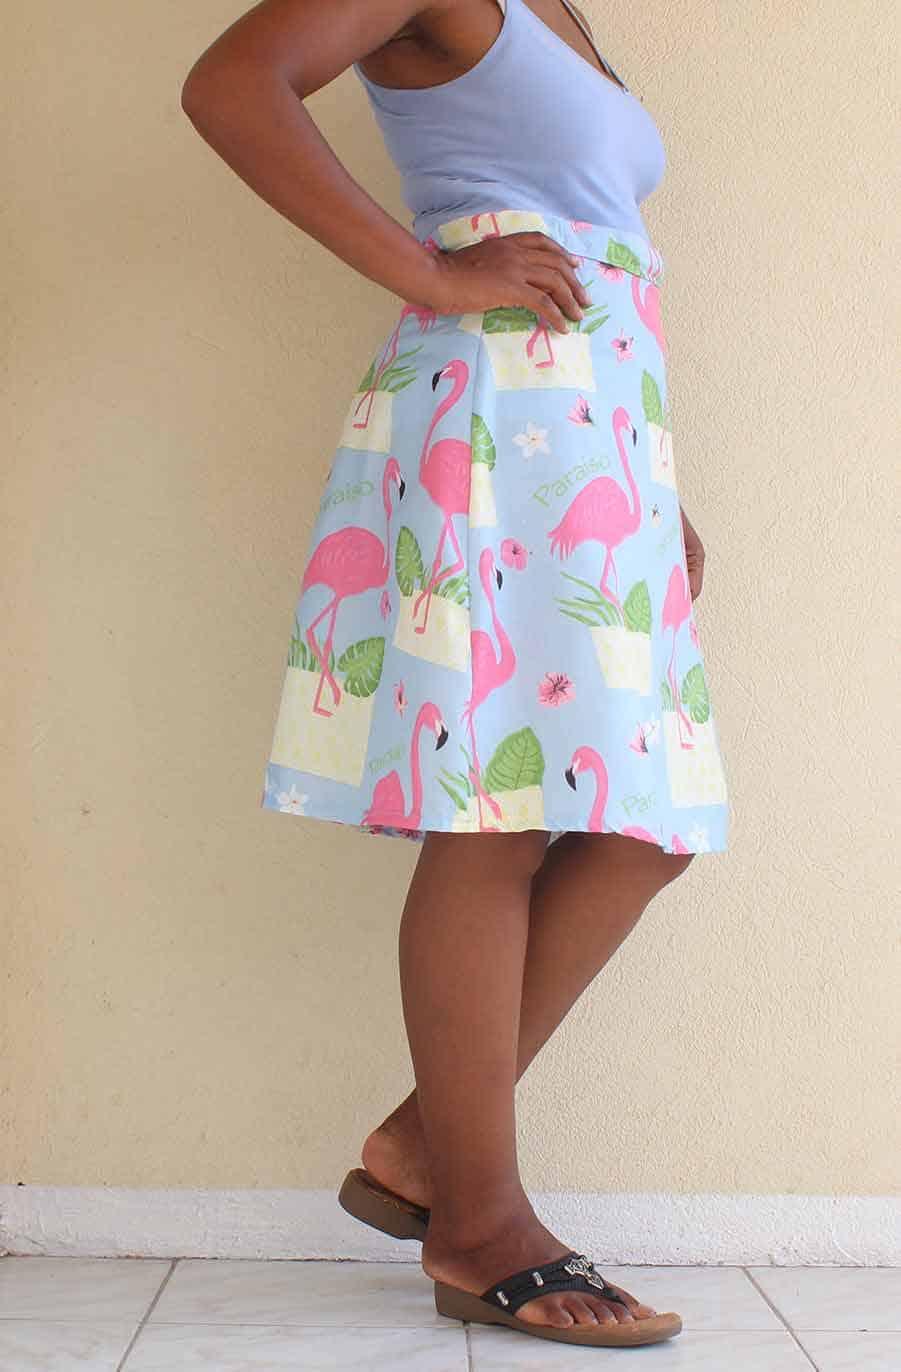 final a-line skirt photo